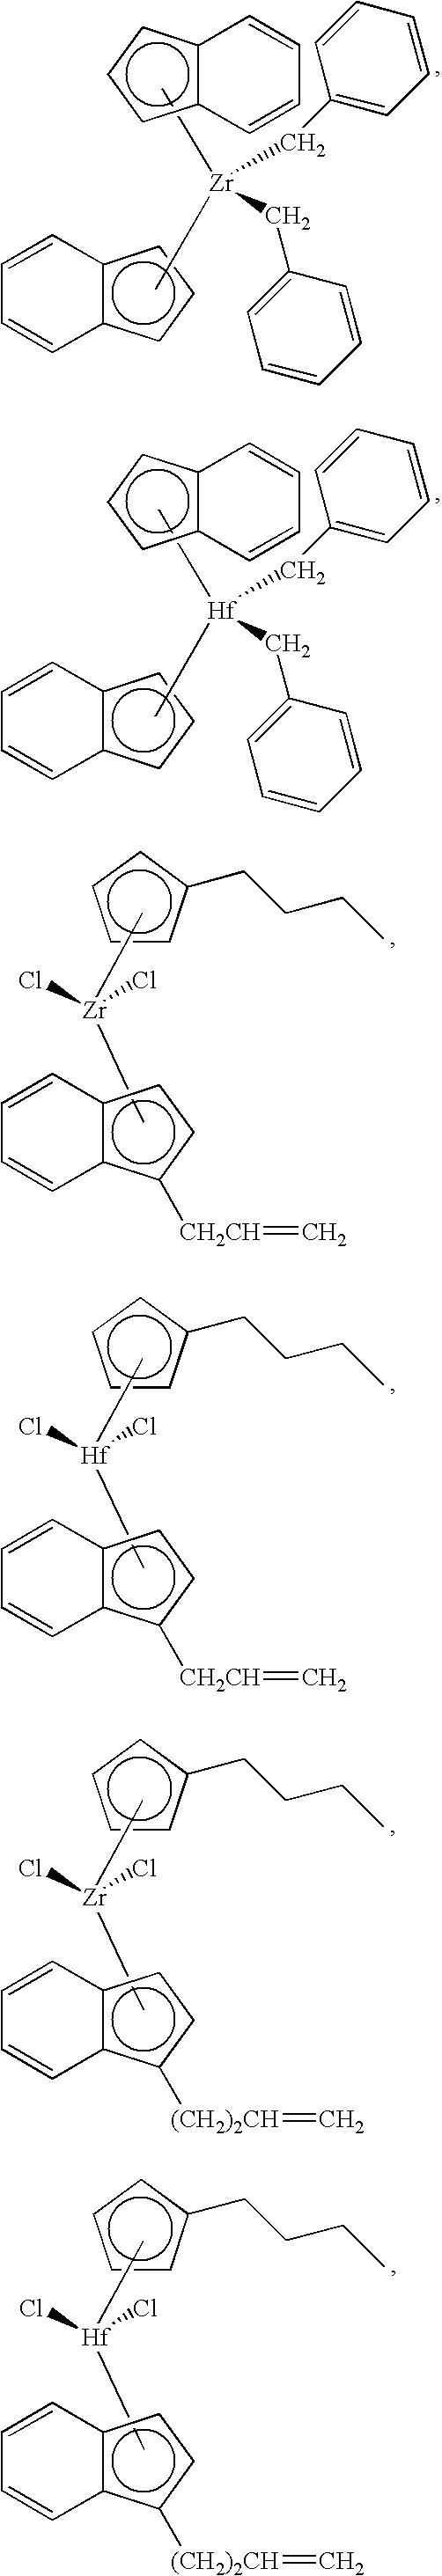 Figure US07619047-20091117-C00028